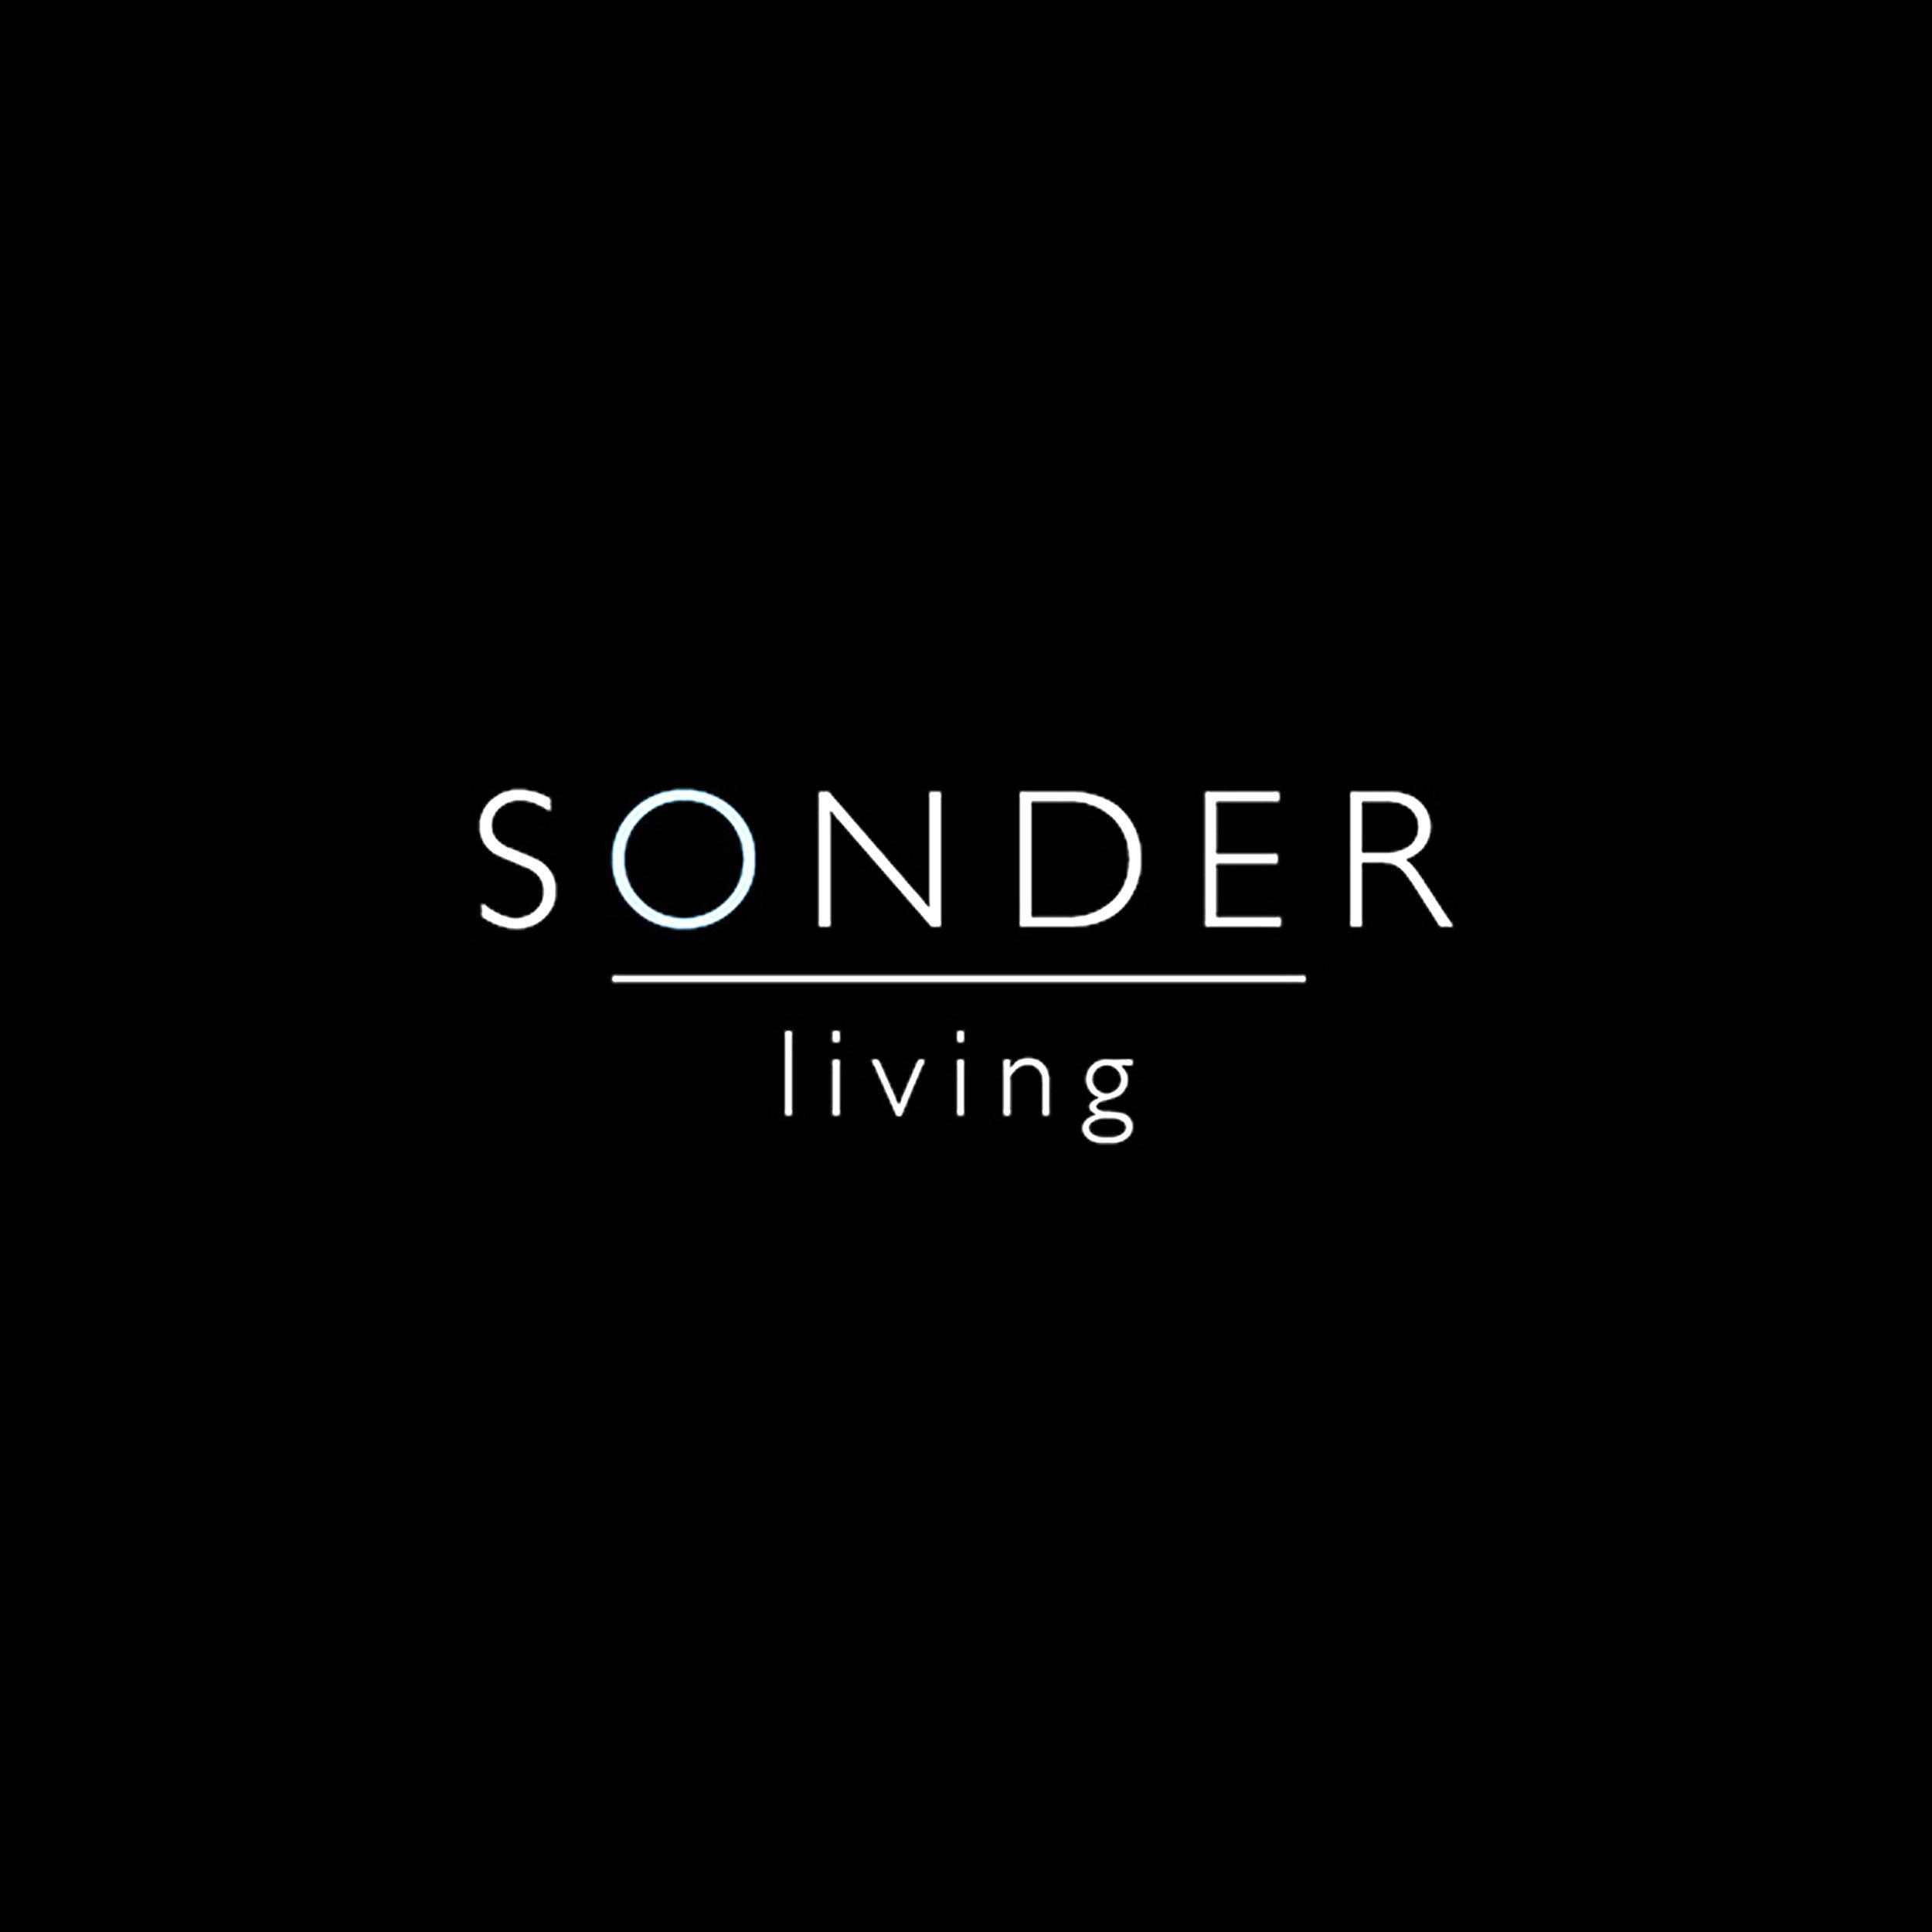 Sonder Living.jpg